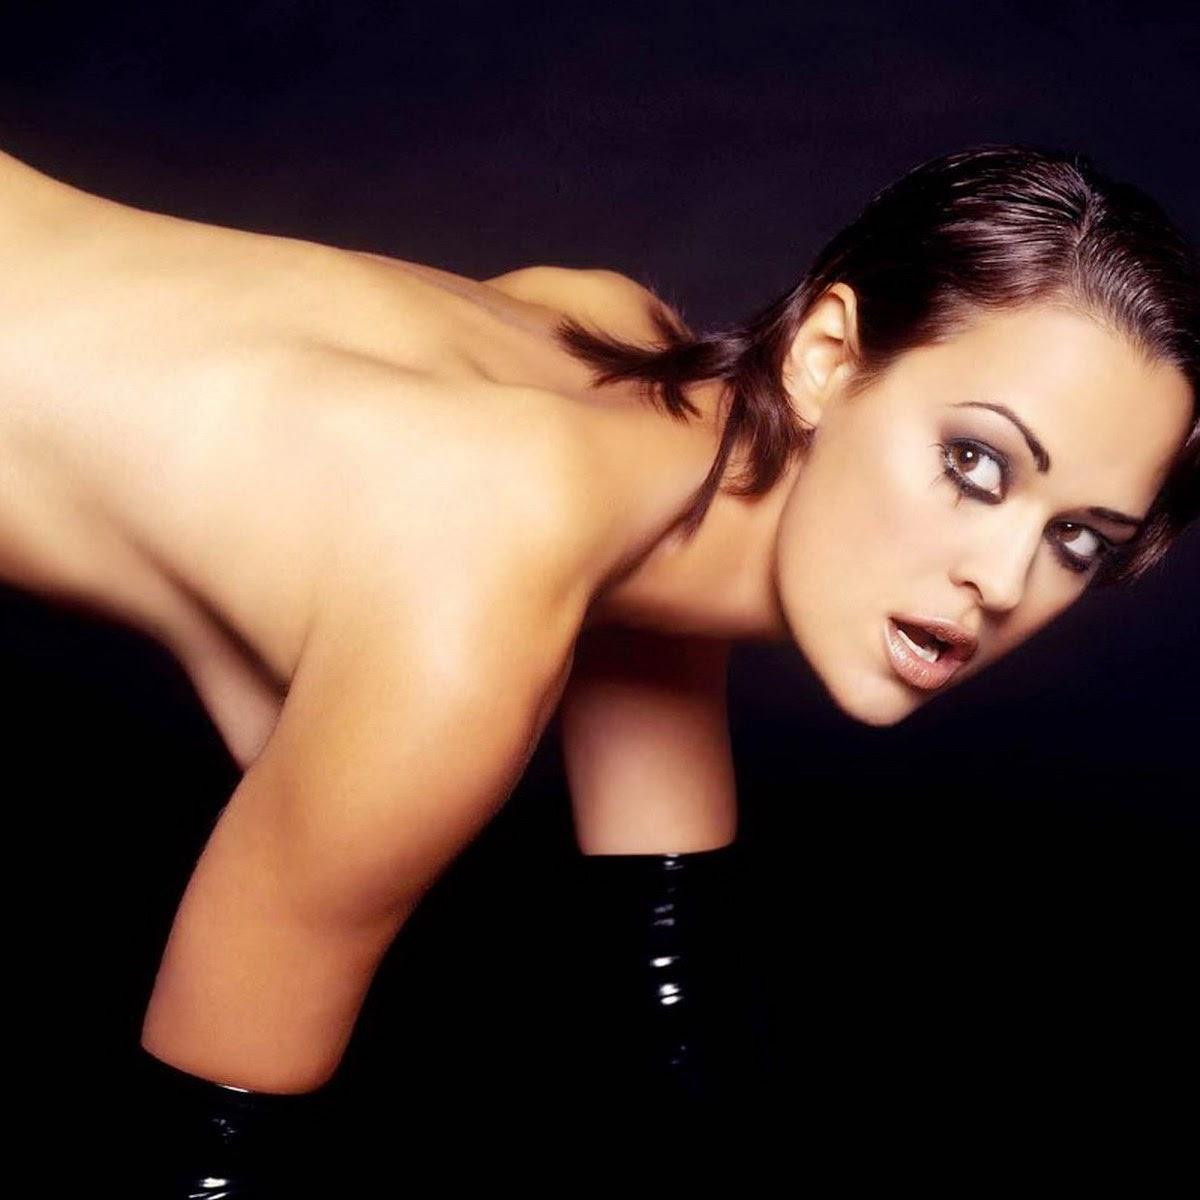 sydney penny naked